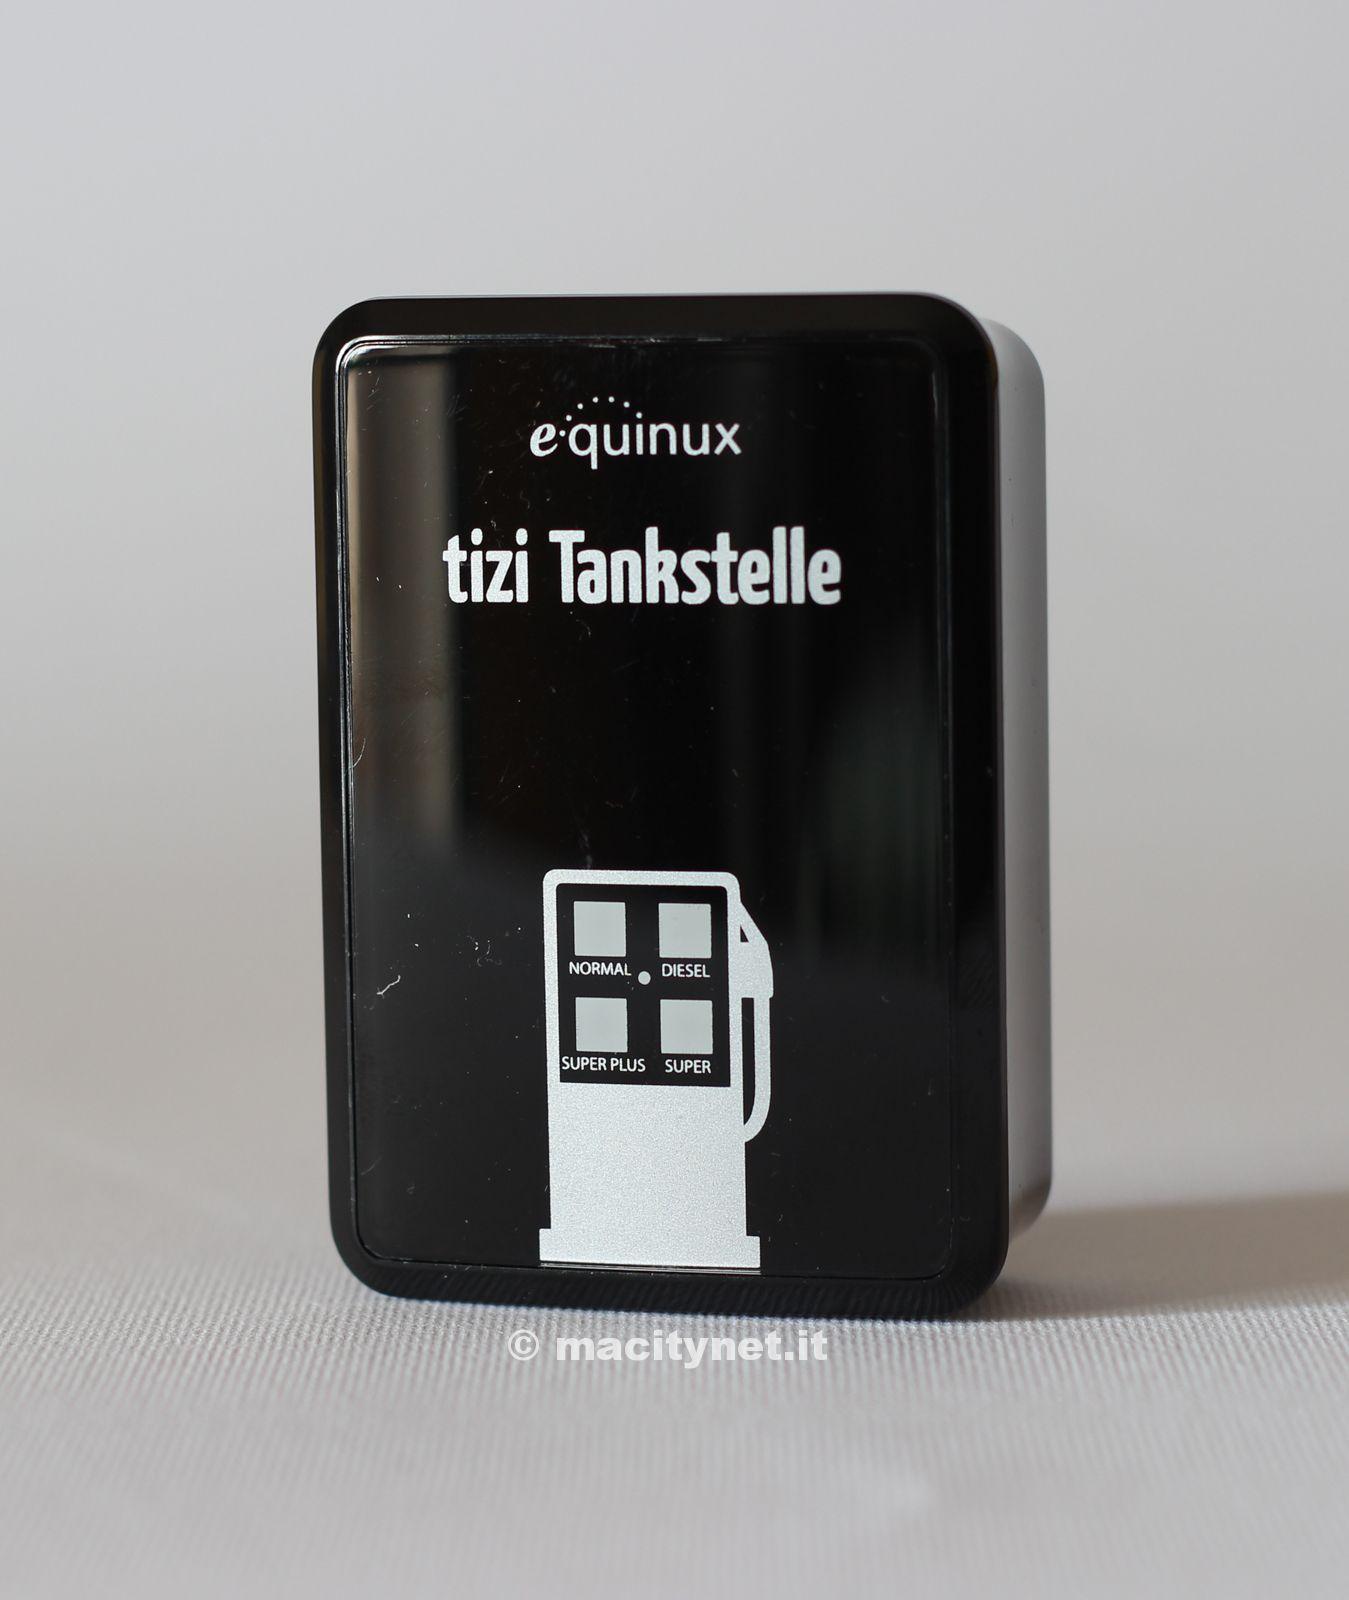 Tankstelle, caricate 4 dispositivi USB con 5 euro di sconto